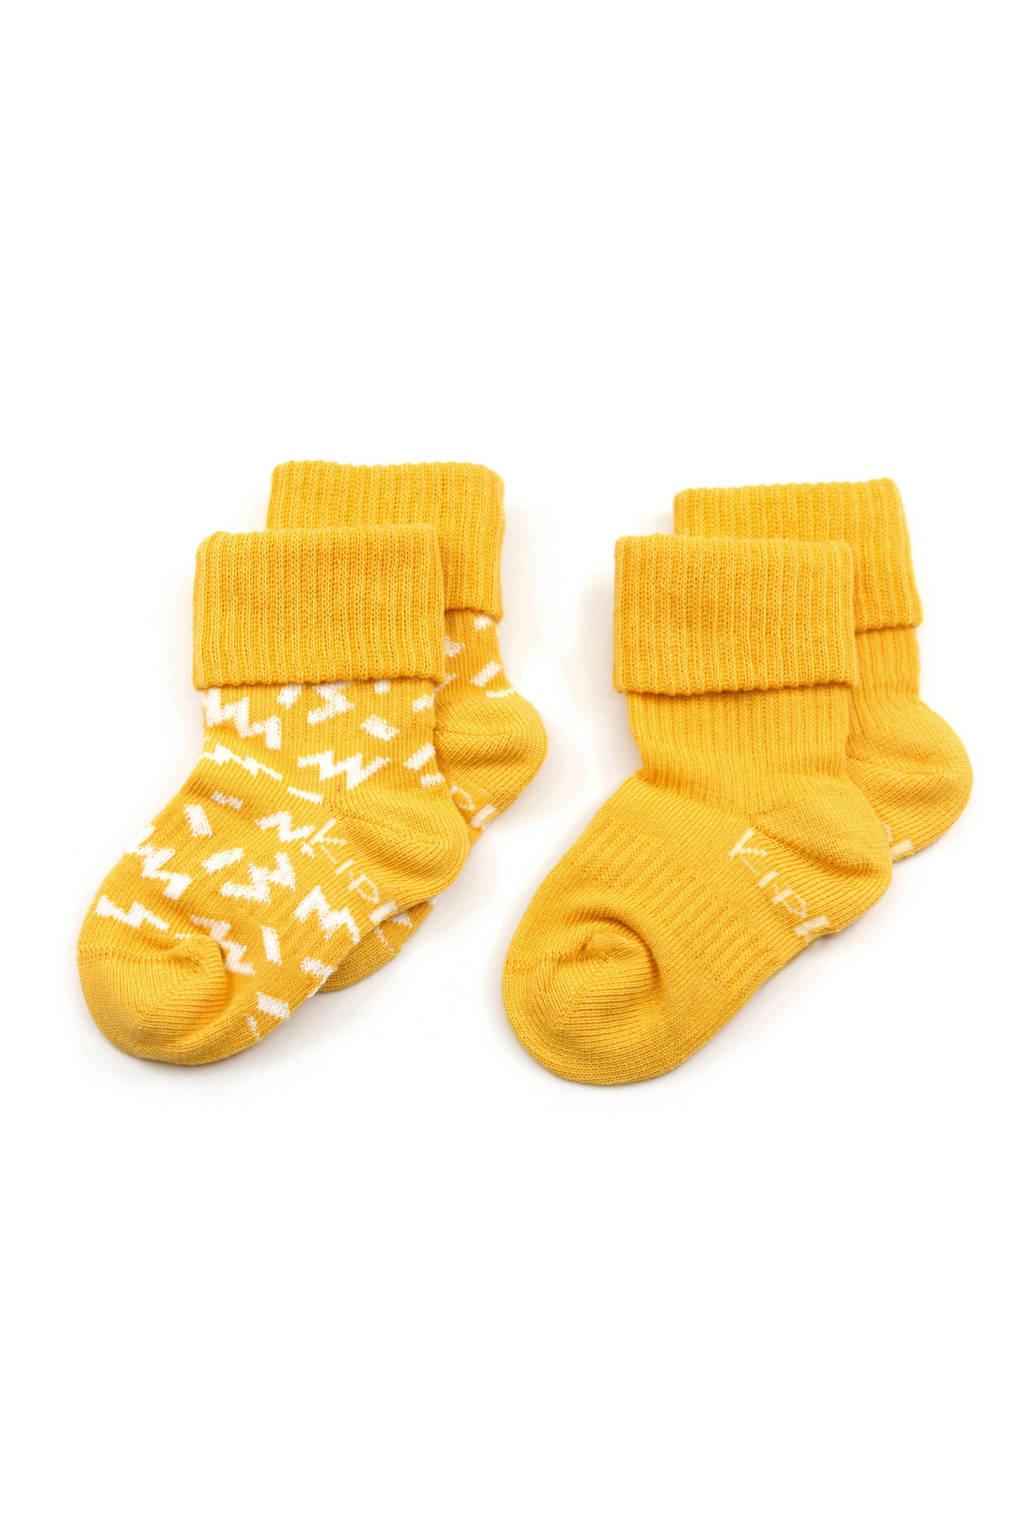 KipKep blijf-sokken 0-6 maanden - set van 2 geel, Geel